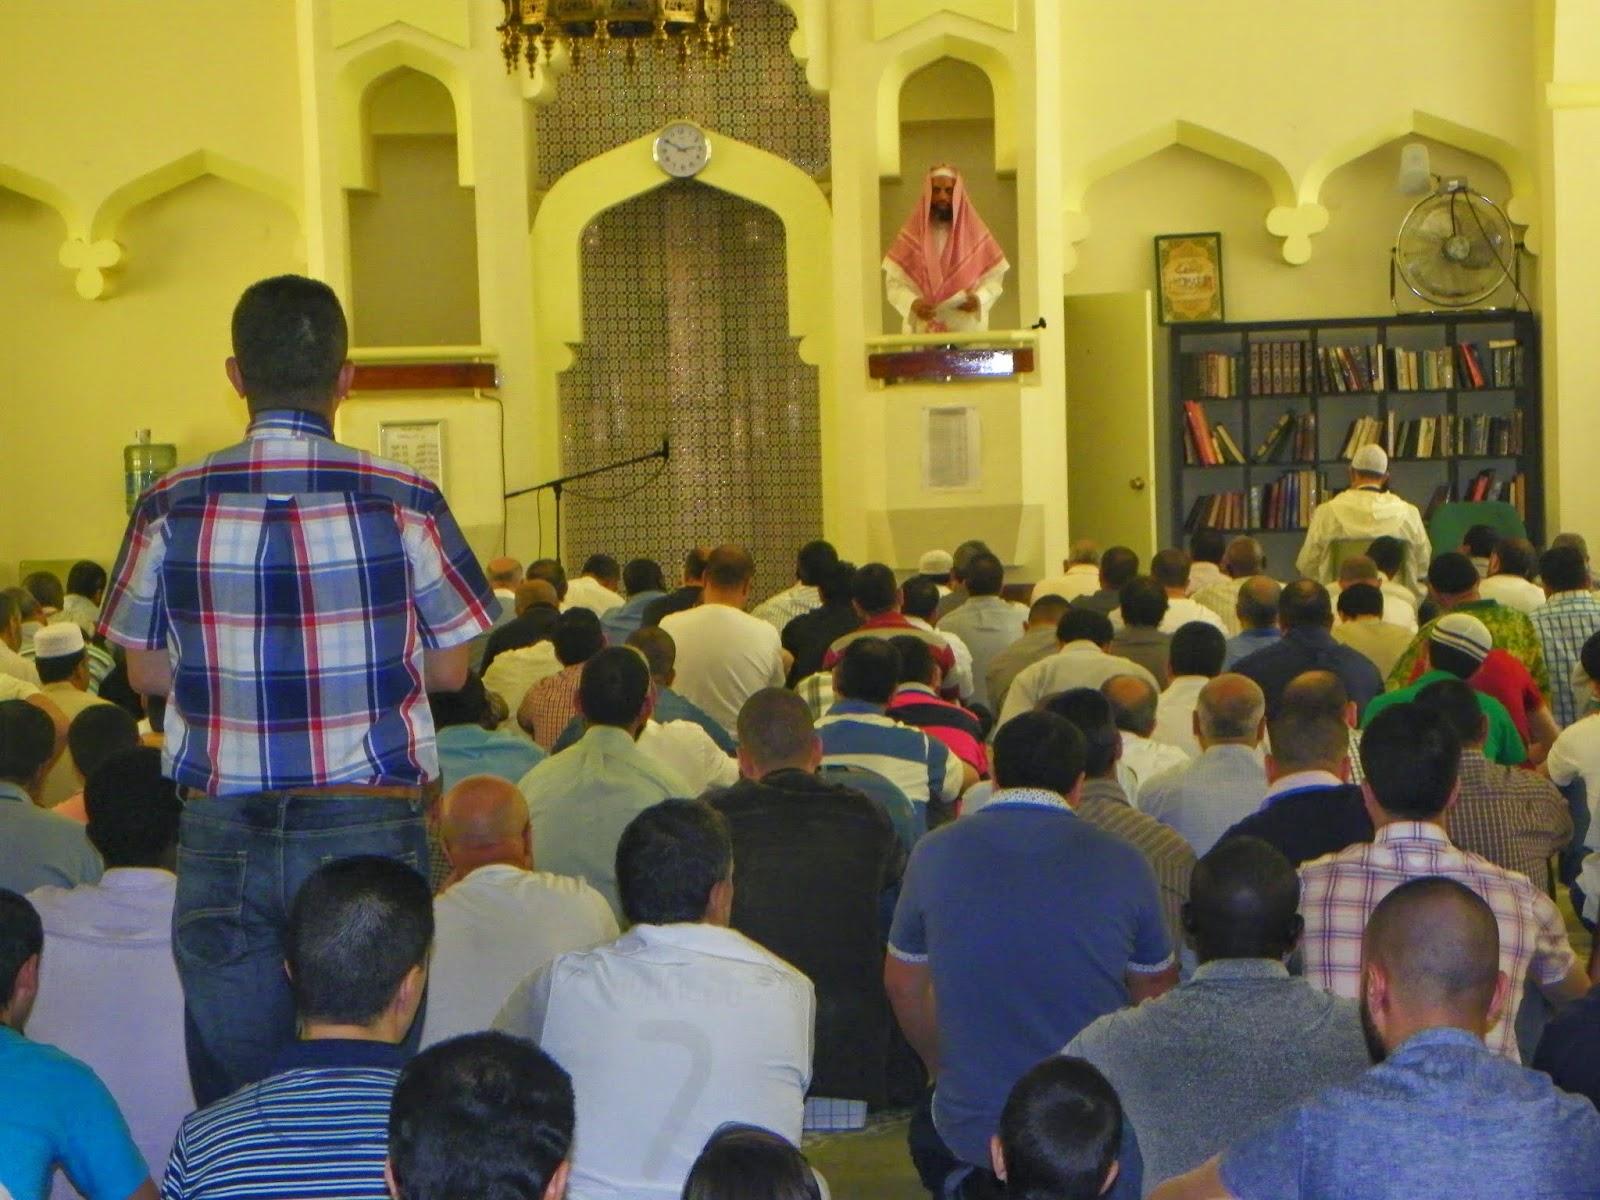 Shaij Ketaf en la Mezquita Central de Madrid